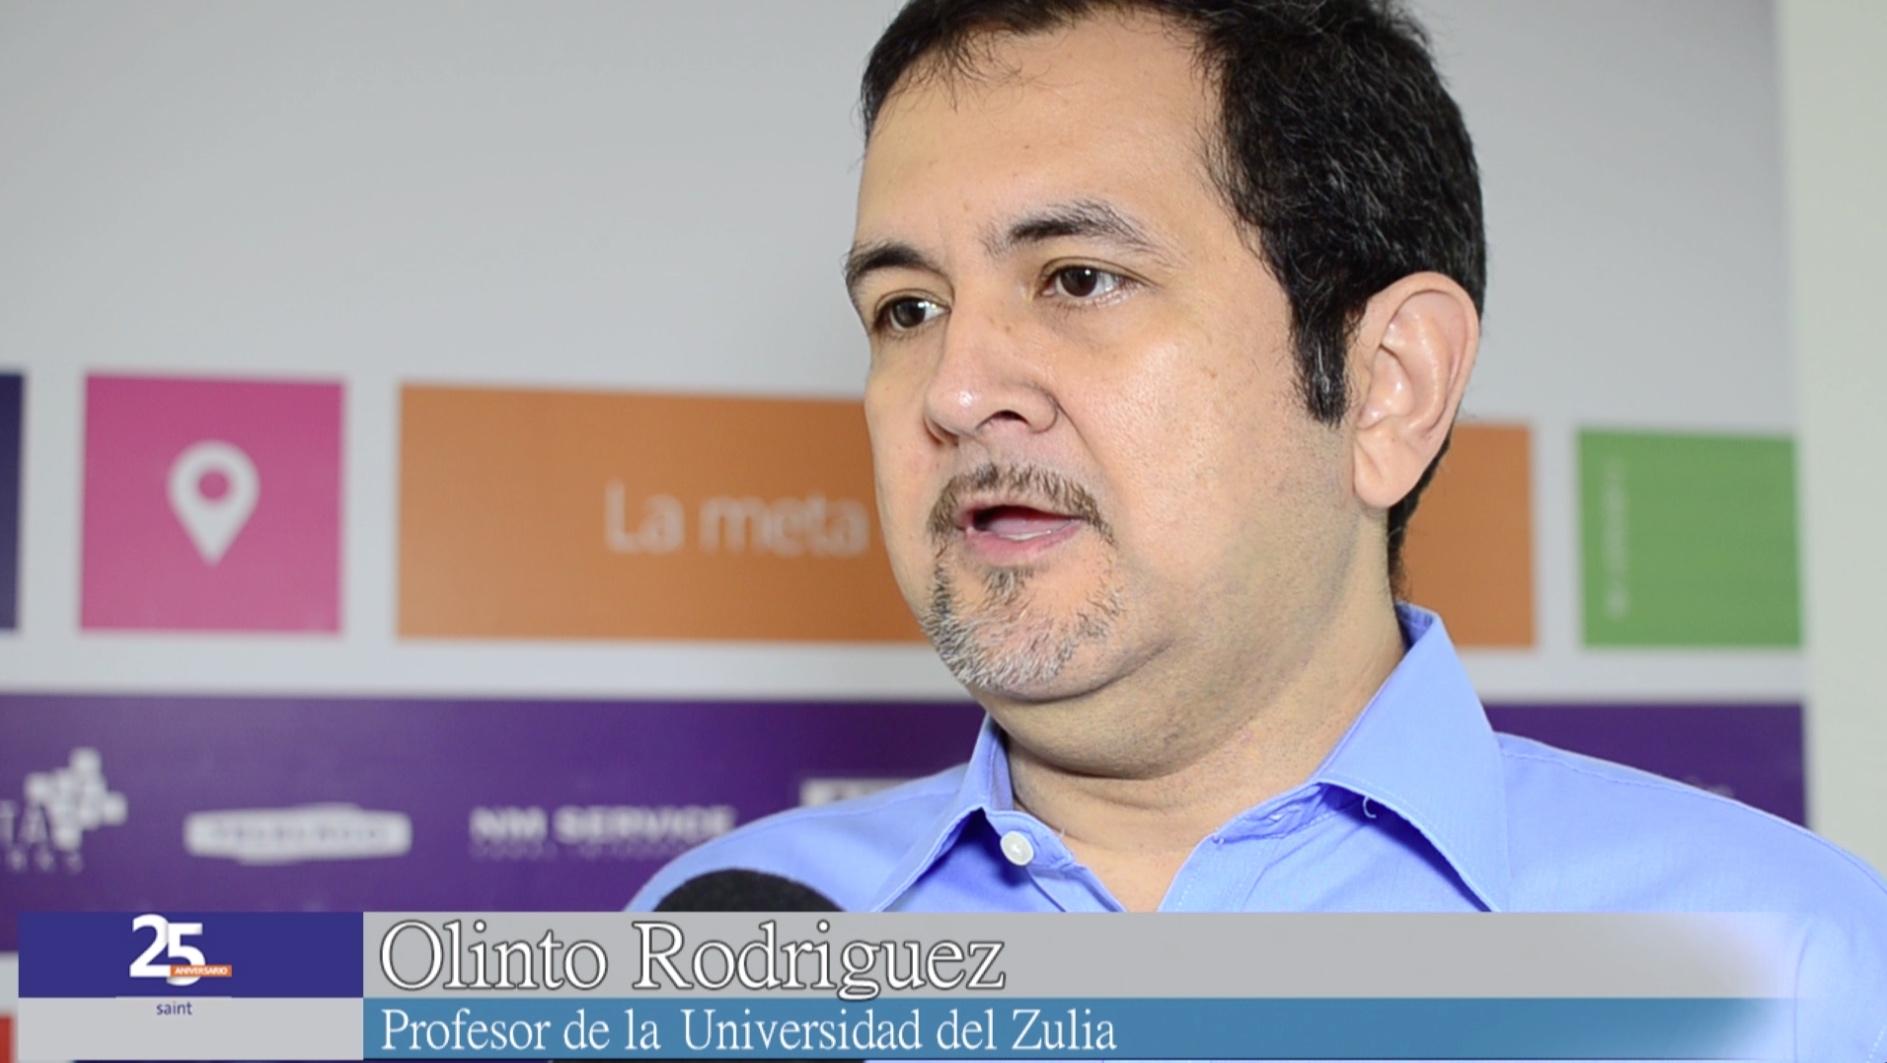 Profesor Olinto Rodríguez, jefe de cátedra de bases de datos de La Universidad del Zulia. Opina sobre el desarrollo de saint